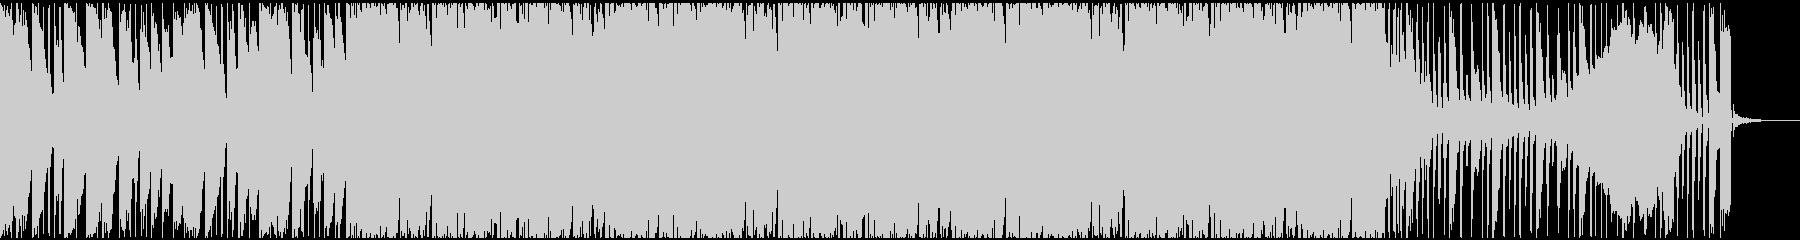 【フューチャーベース】ロング5の未再生の波形